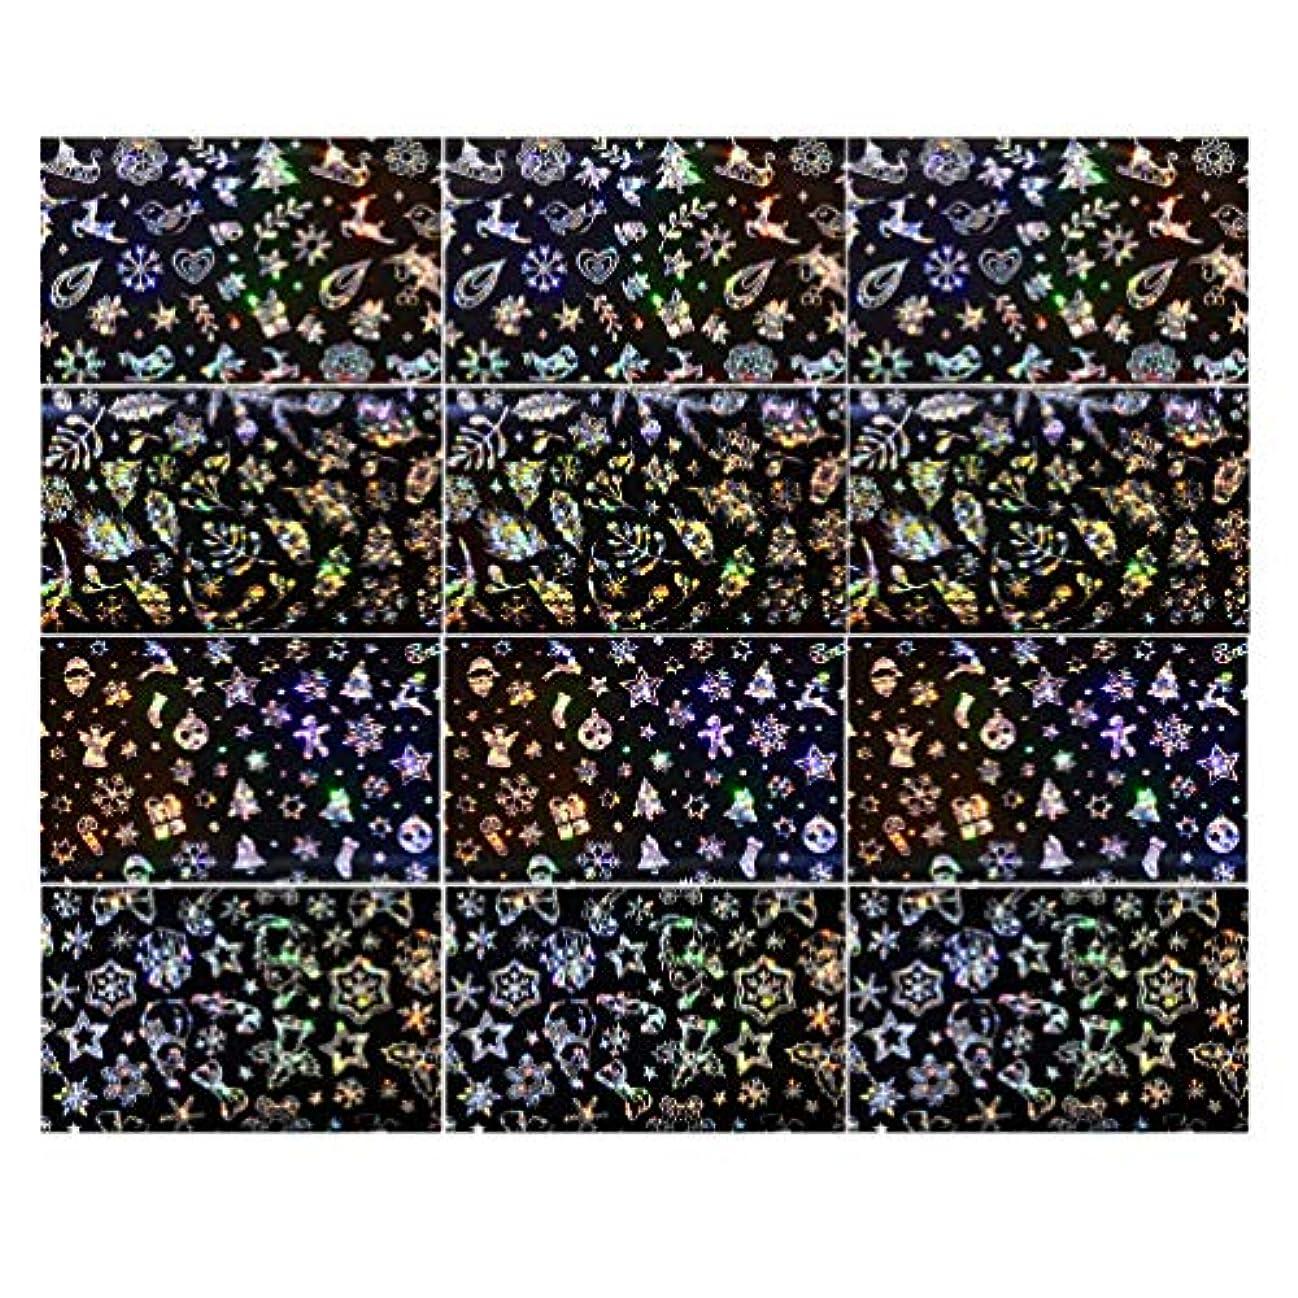 おしゃれじゃない繁雑置き場Lurrose 3セットクリスマスネイルステッカースノーフレークネイルタトゥーdiyネイルアート用女性マダムガールレディ